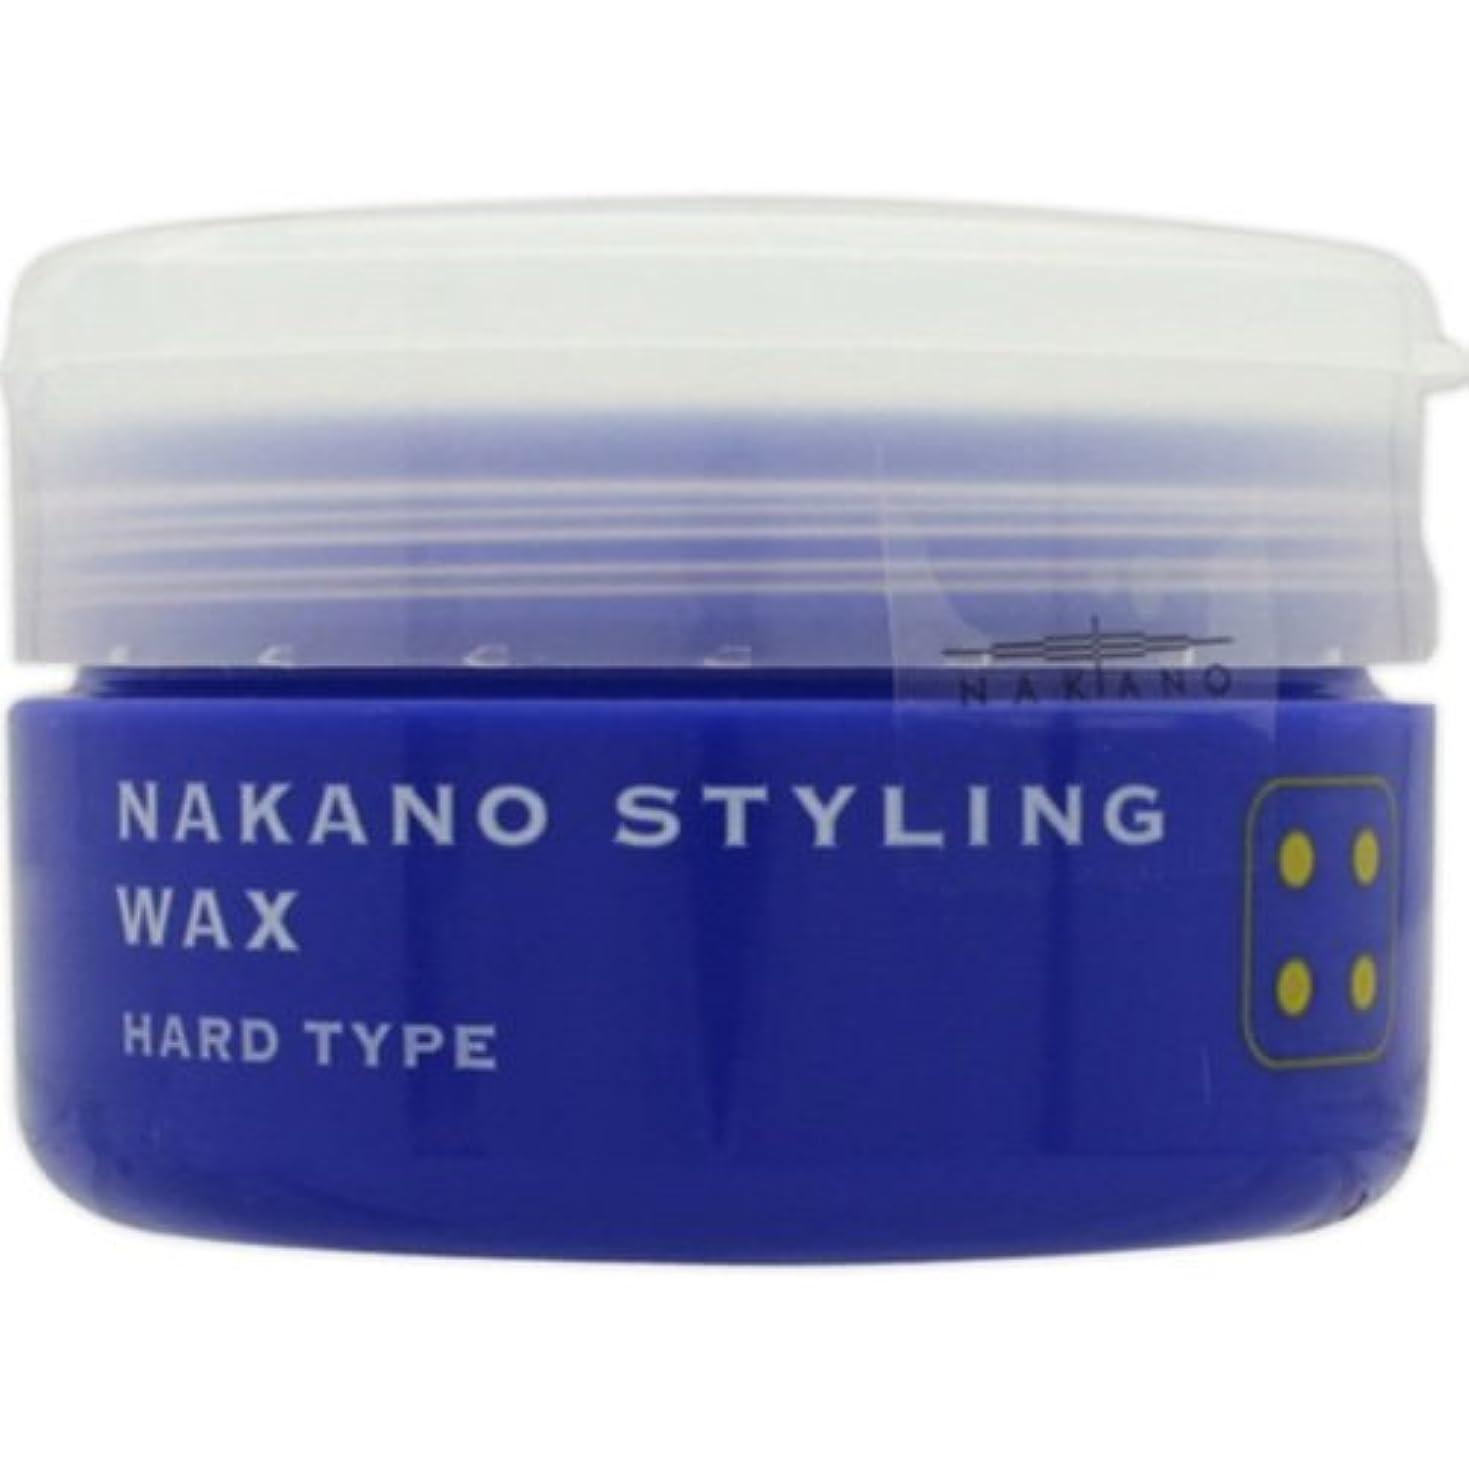 銀河ソフトウェア自己ナカノ スタイリングワックス 4 ハードタイプ 90g 中野製薬 NAKANO